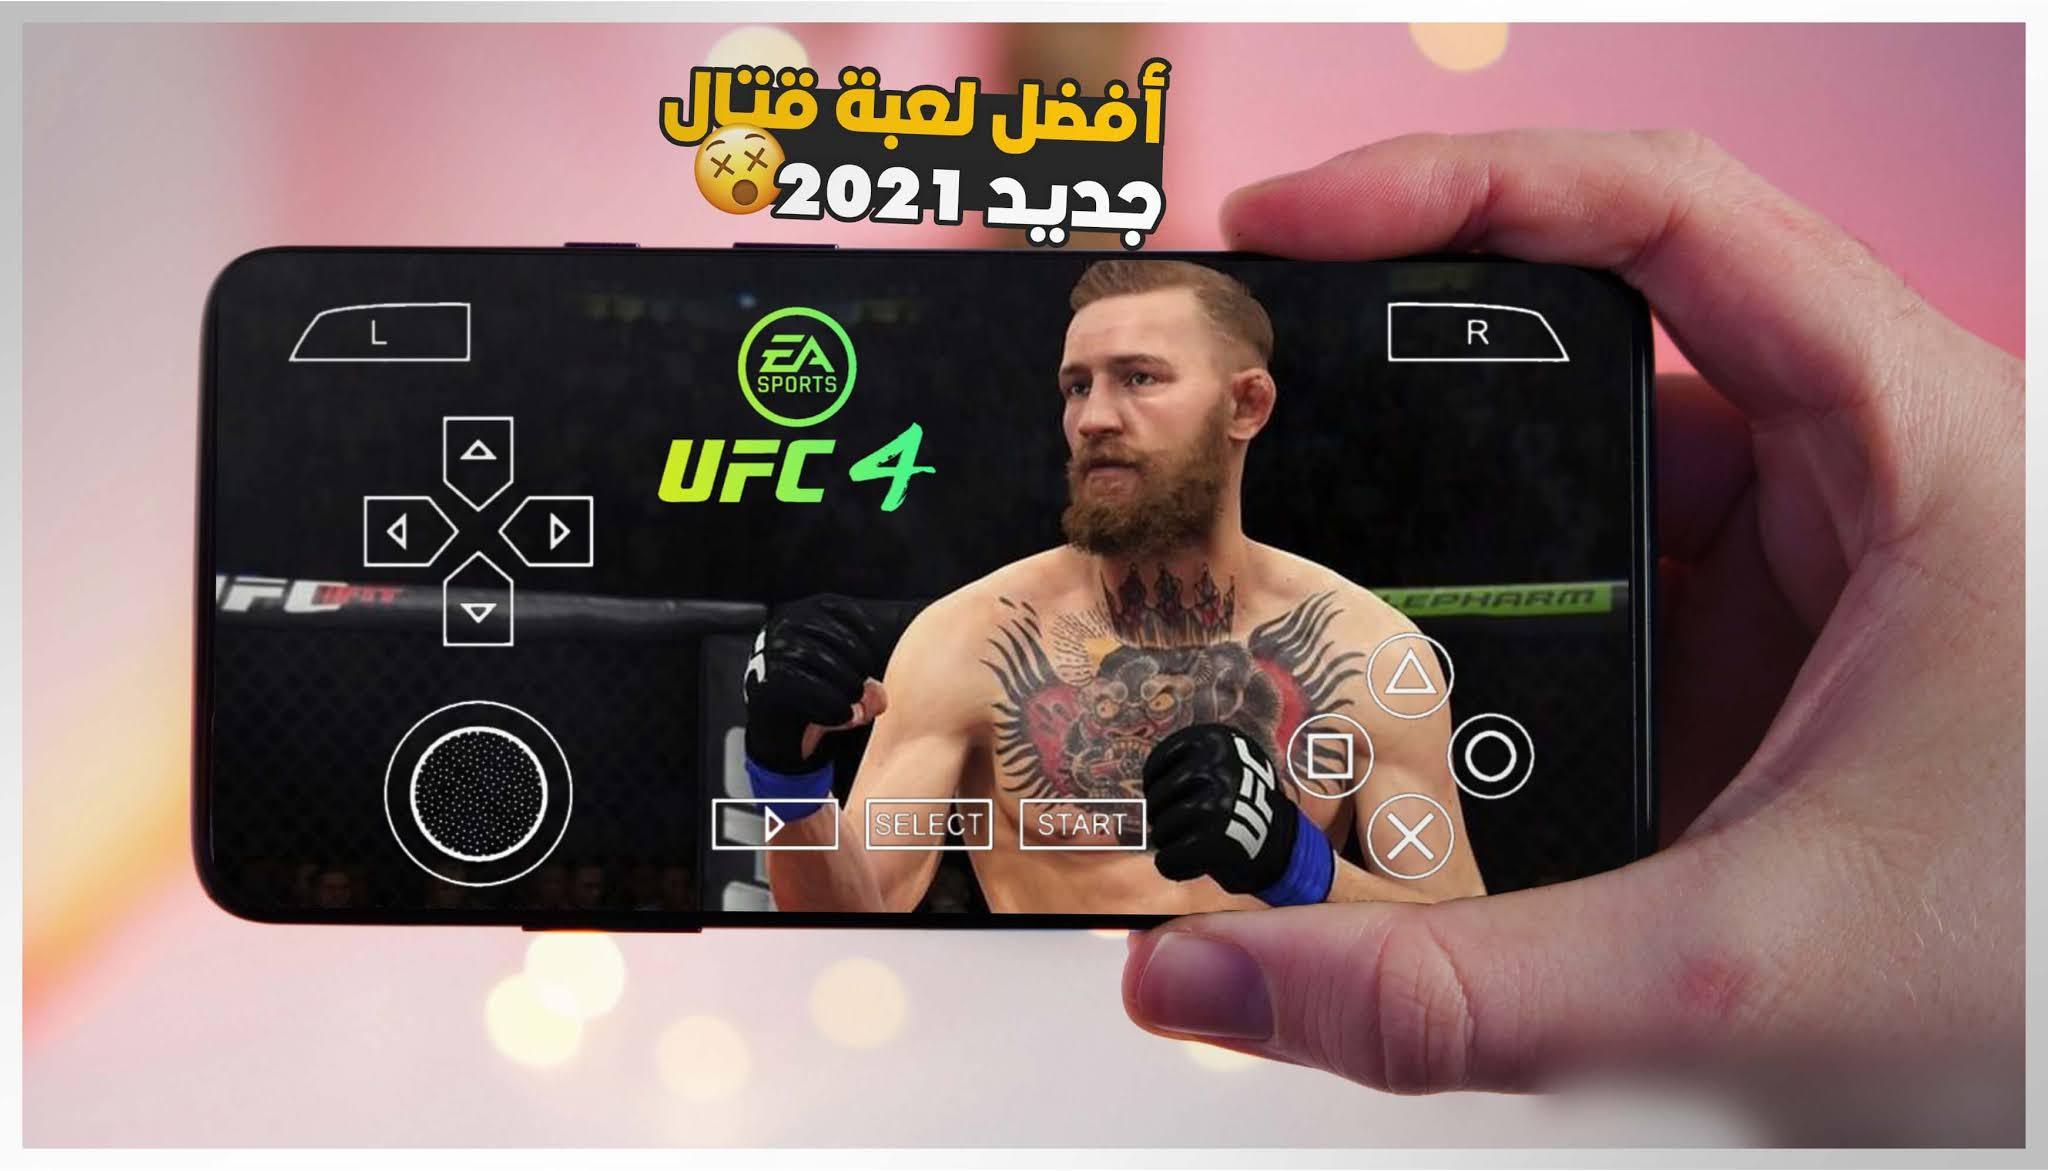 تحميل لعبة UFC 4 psp للاندرويد مضغوطة لمحاكي ppsspp من ميديافاير بحجم ufc 4 ppsspp android | 100MB